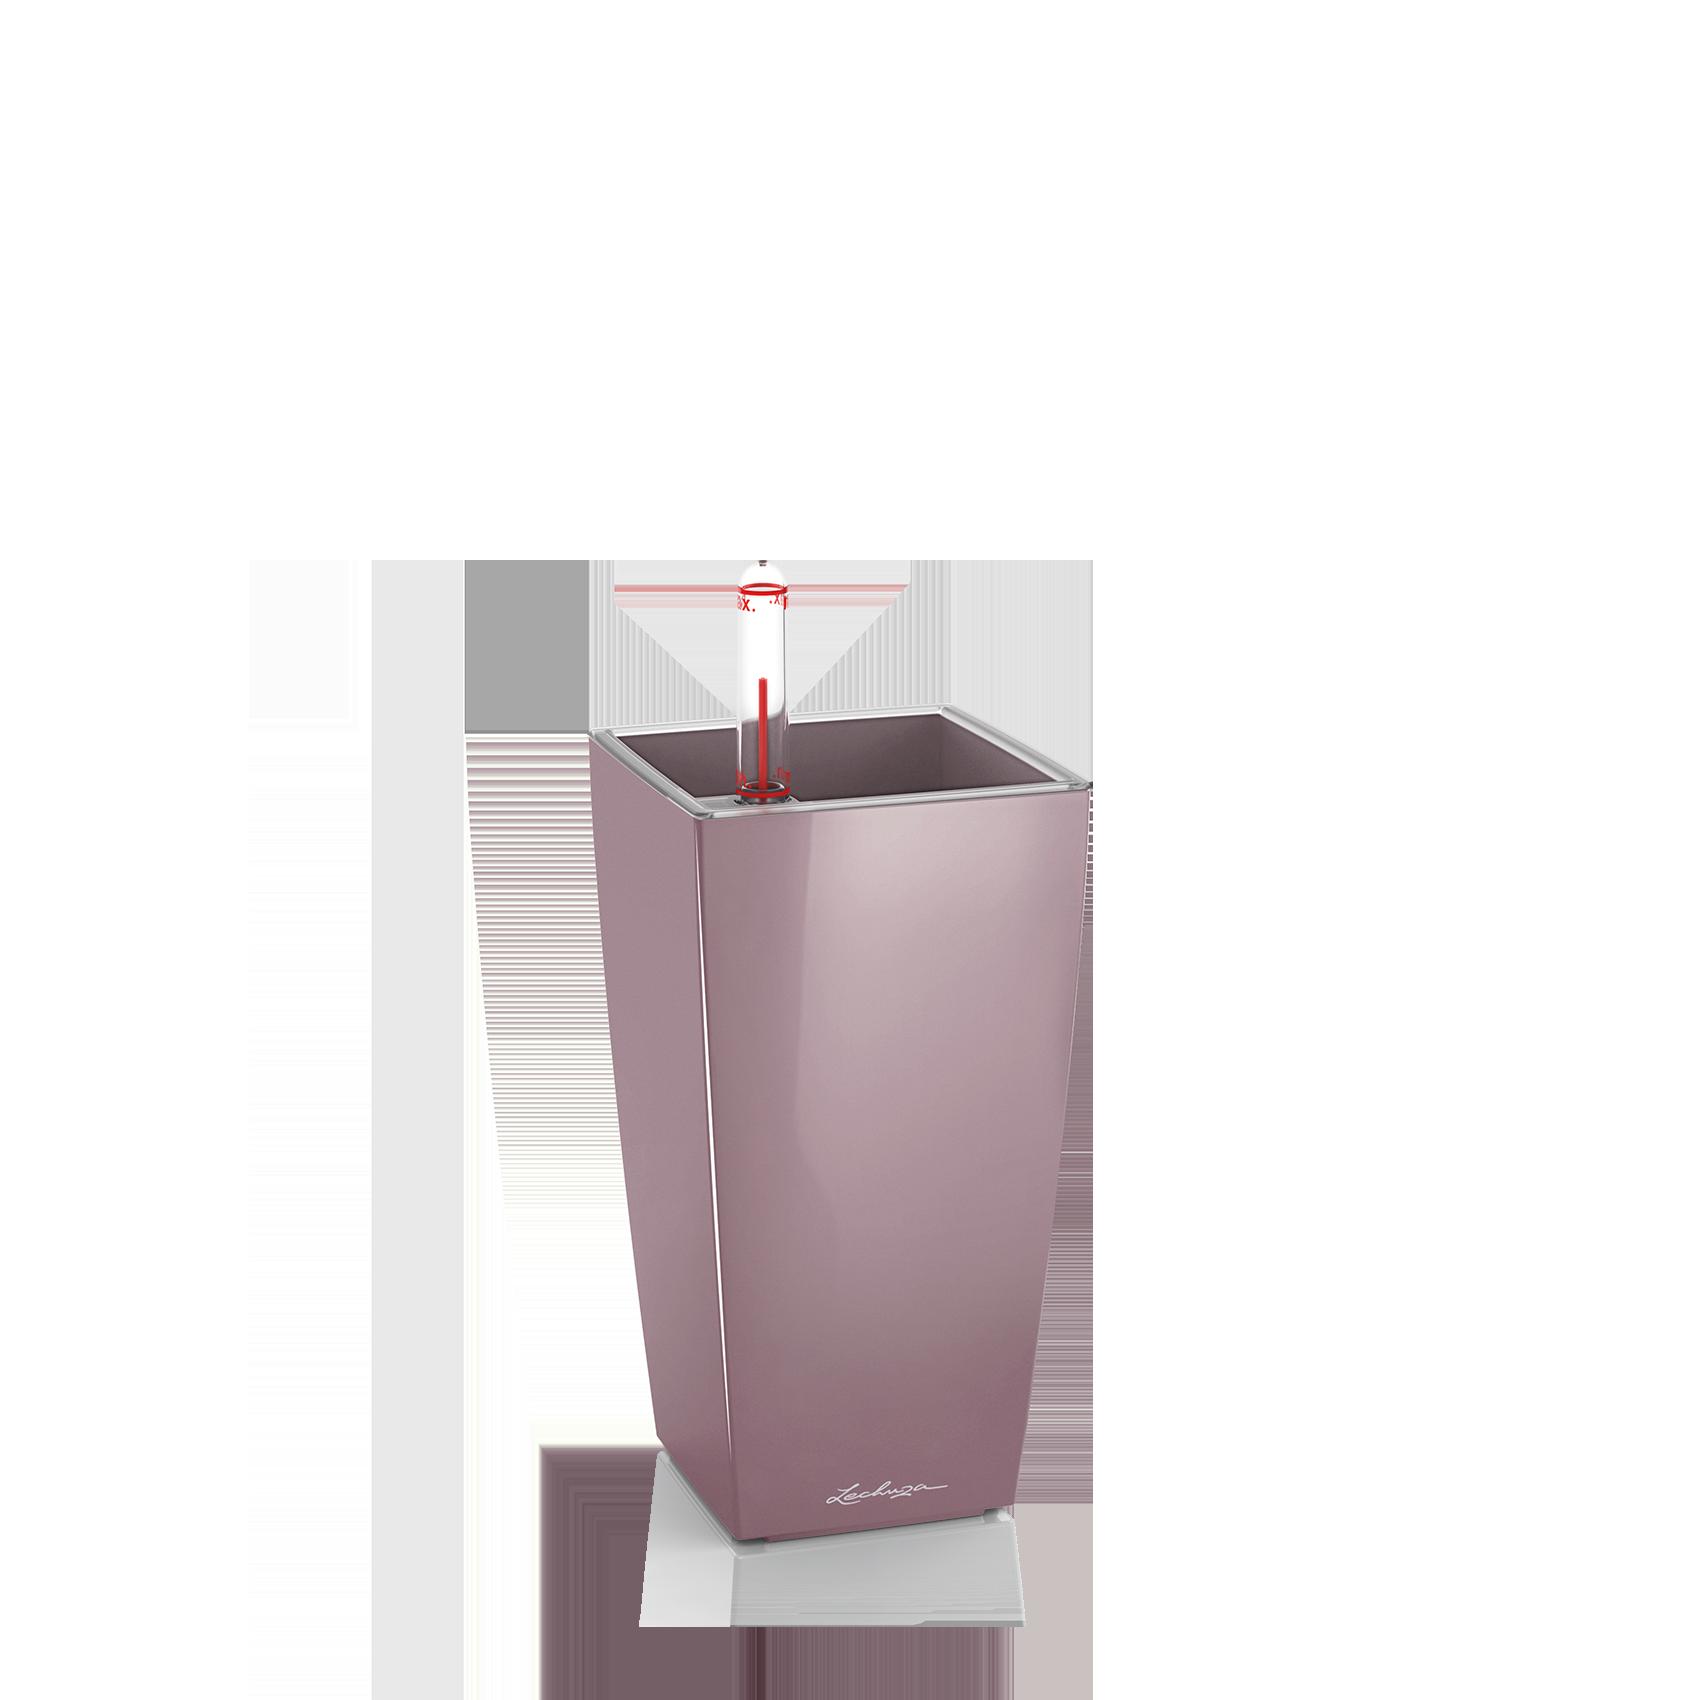 MINI-CUBI violetto pastello lucido